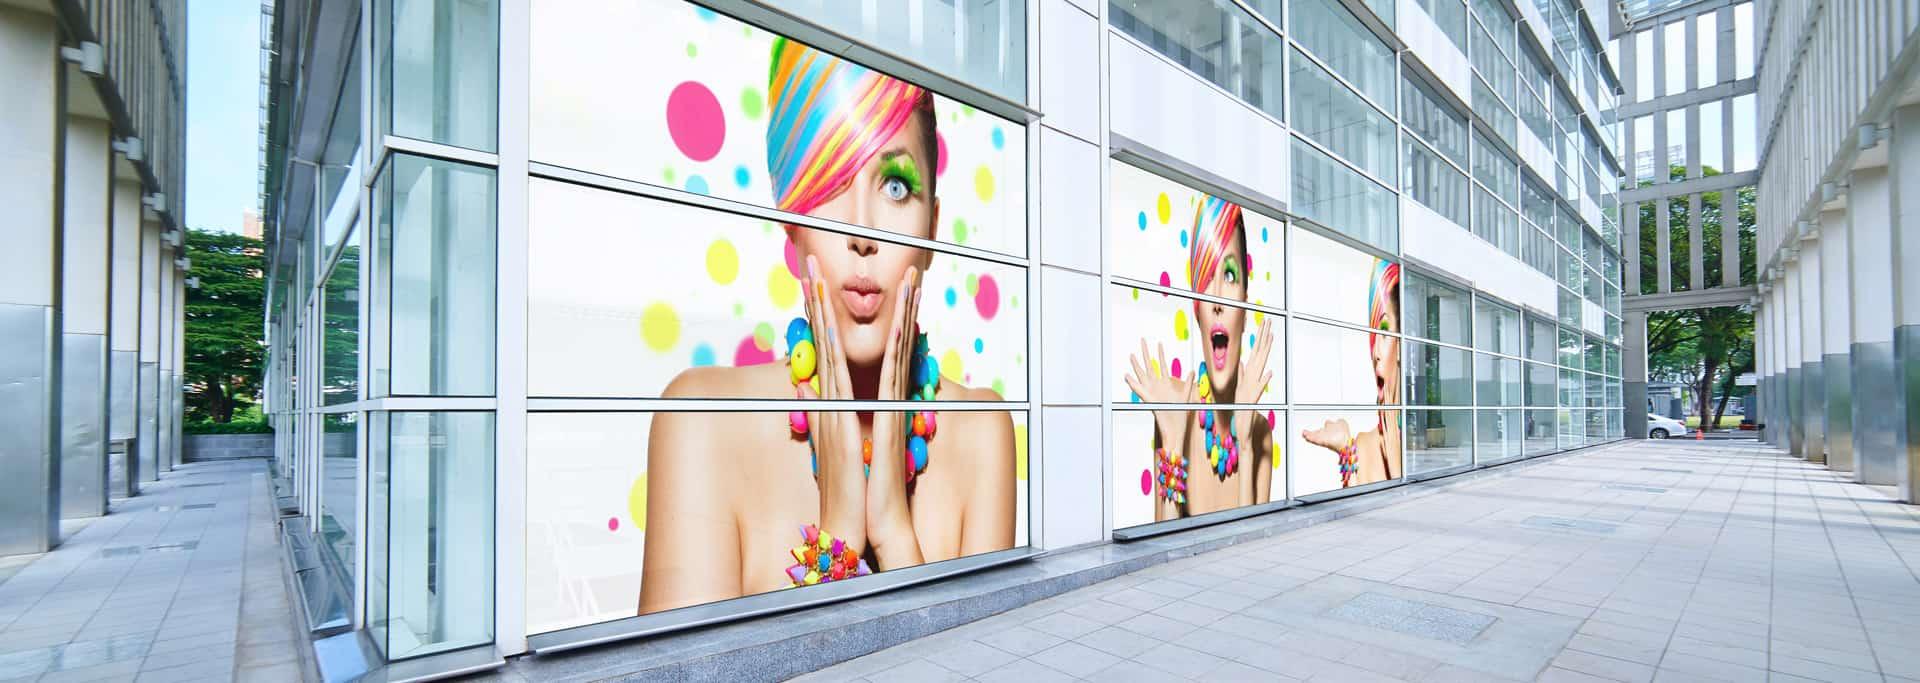 Szary nowoczesny biurowiec, którego okna są ozdobione kolorowymi naklejkami przedstawiającymi zdziwioną kobietę.